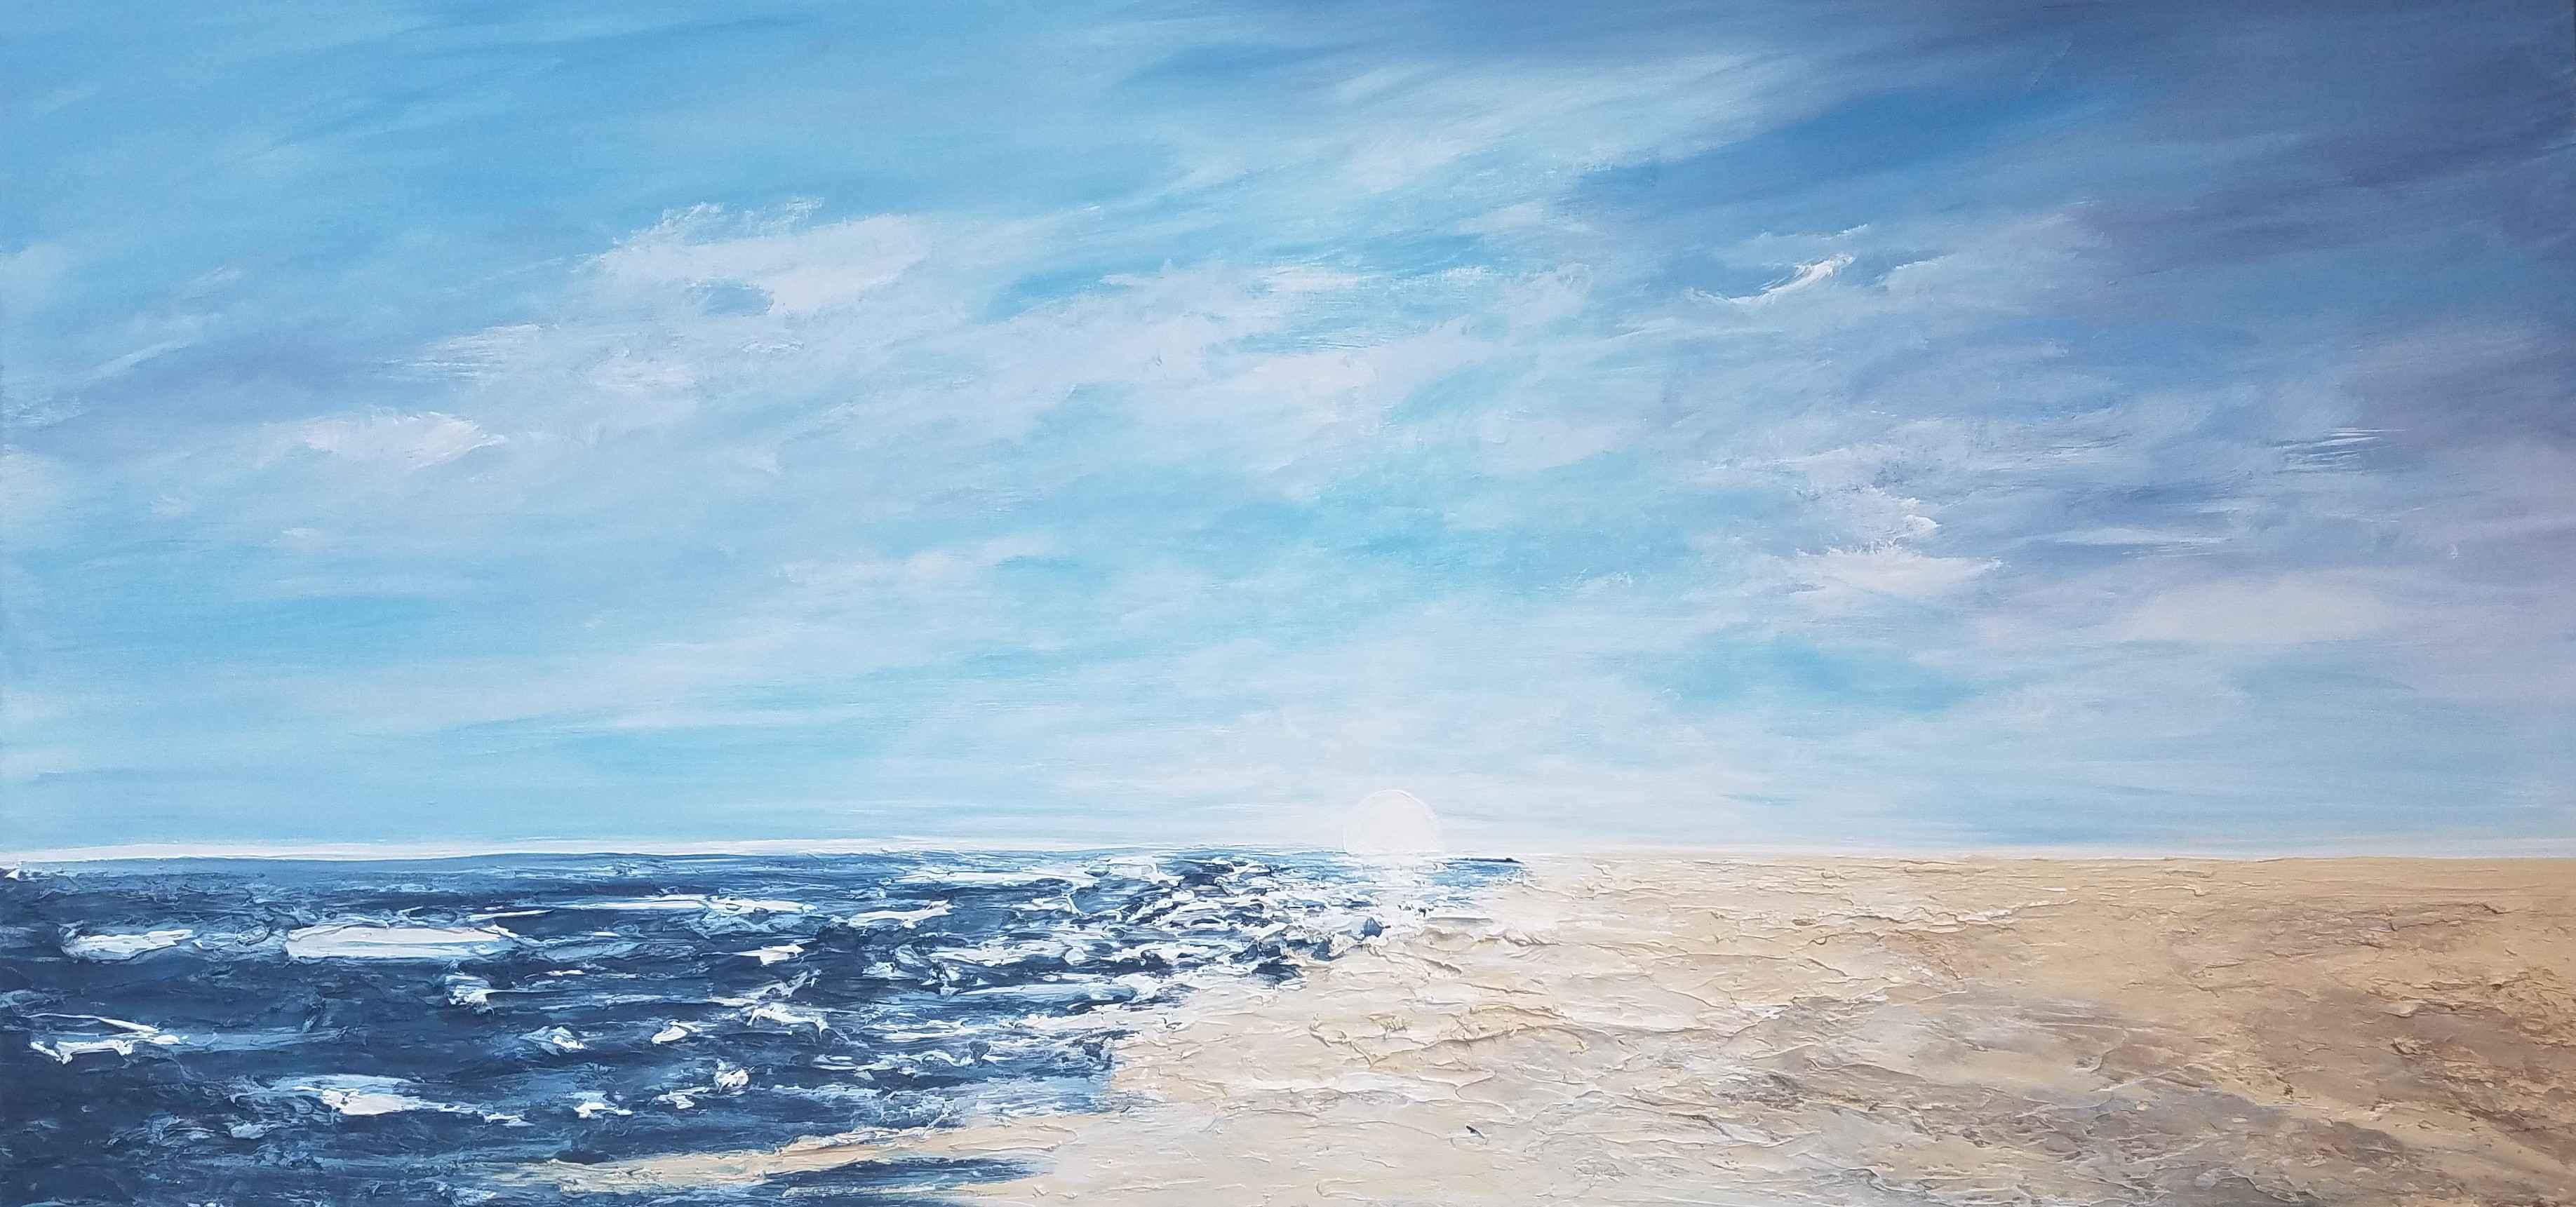 Sand-Sky-Surf by  Steve Lyons - Masterpiece Online